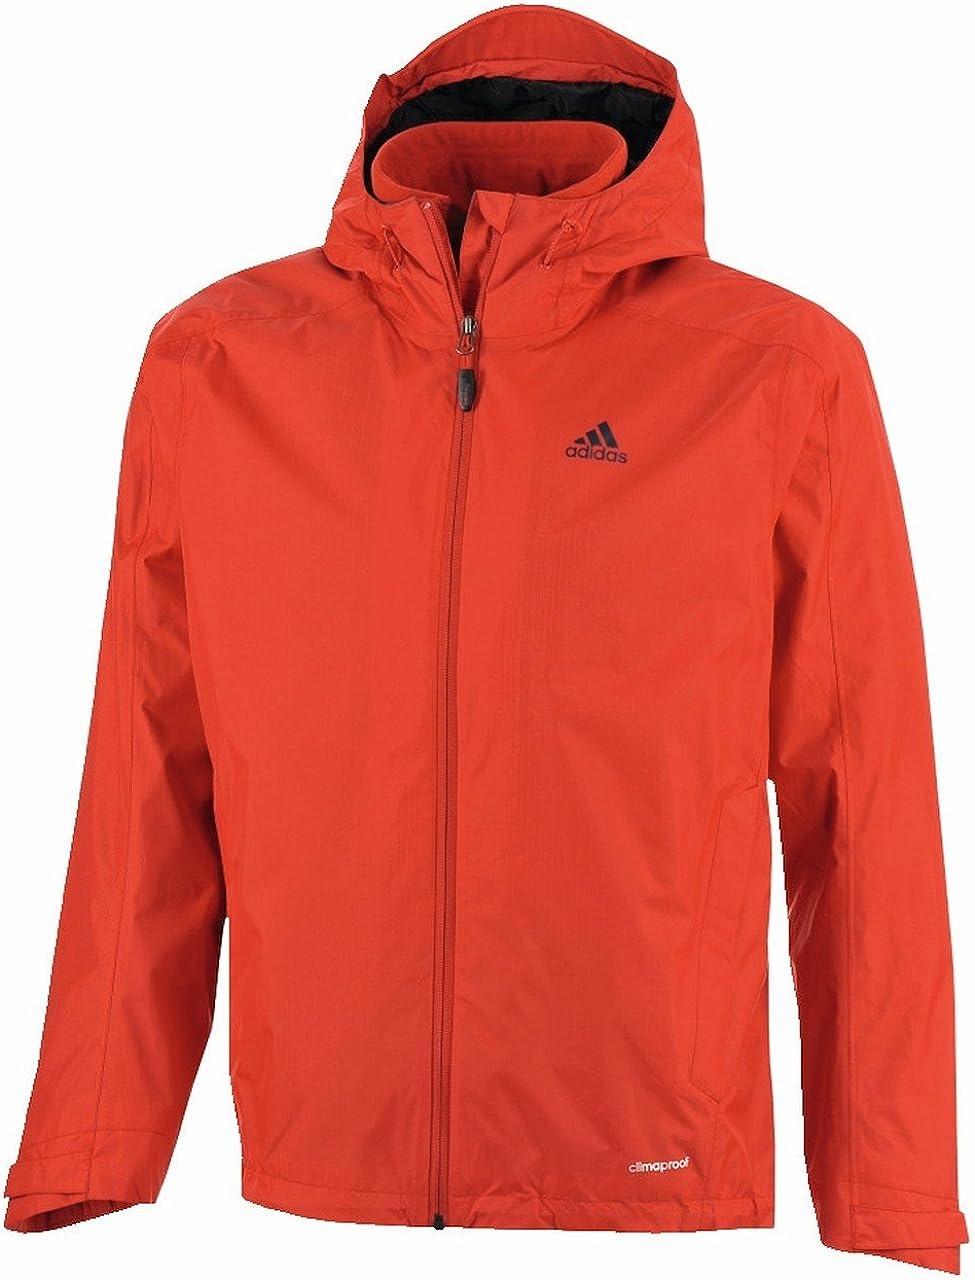 adidas, HT 3 in 1 Regenjacke mit Fleece für Wandertage